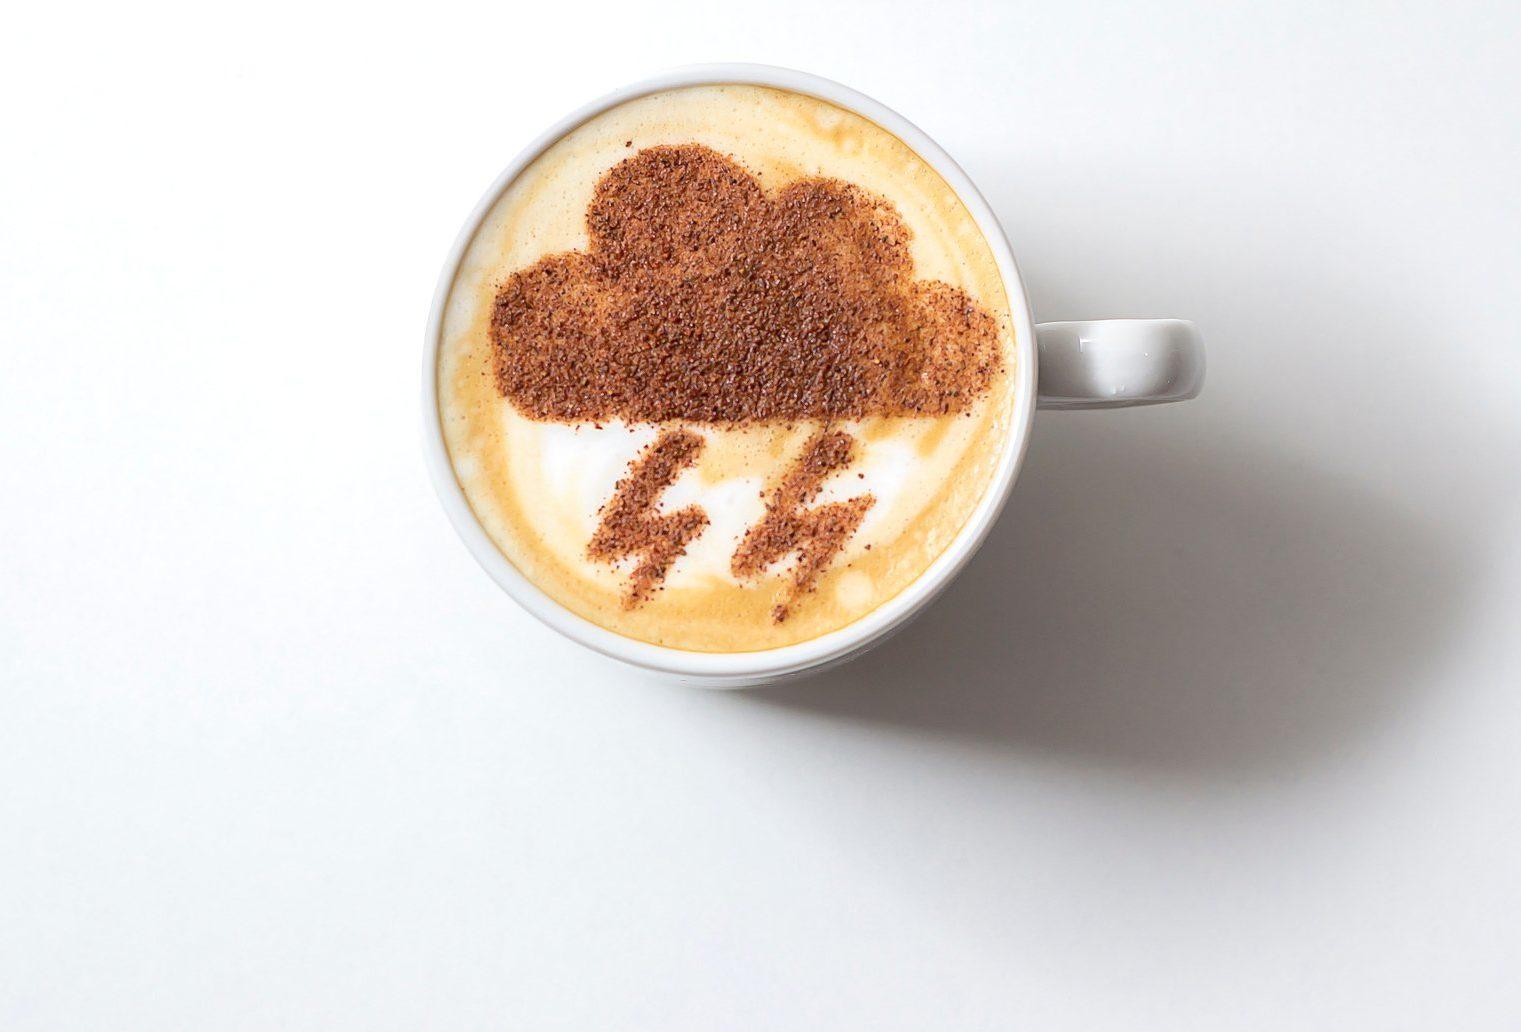 Ghé Thụy Sĩ, hưởng thức tách cà phê thanh toán bằng Bitcoin và nghĩ về Satoshi Nakamoto